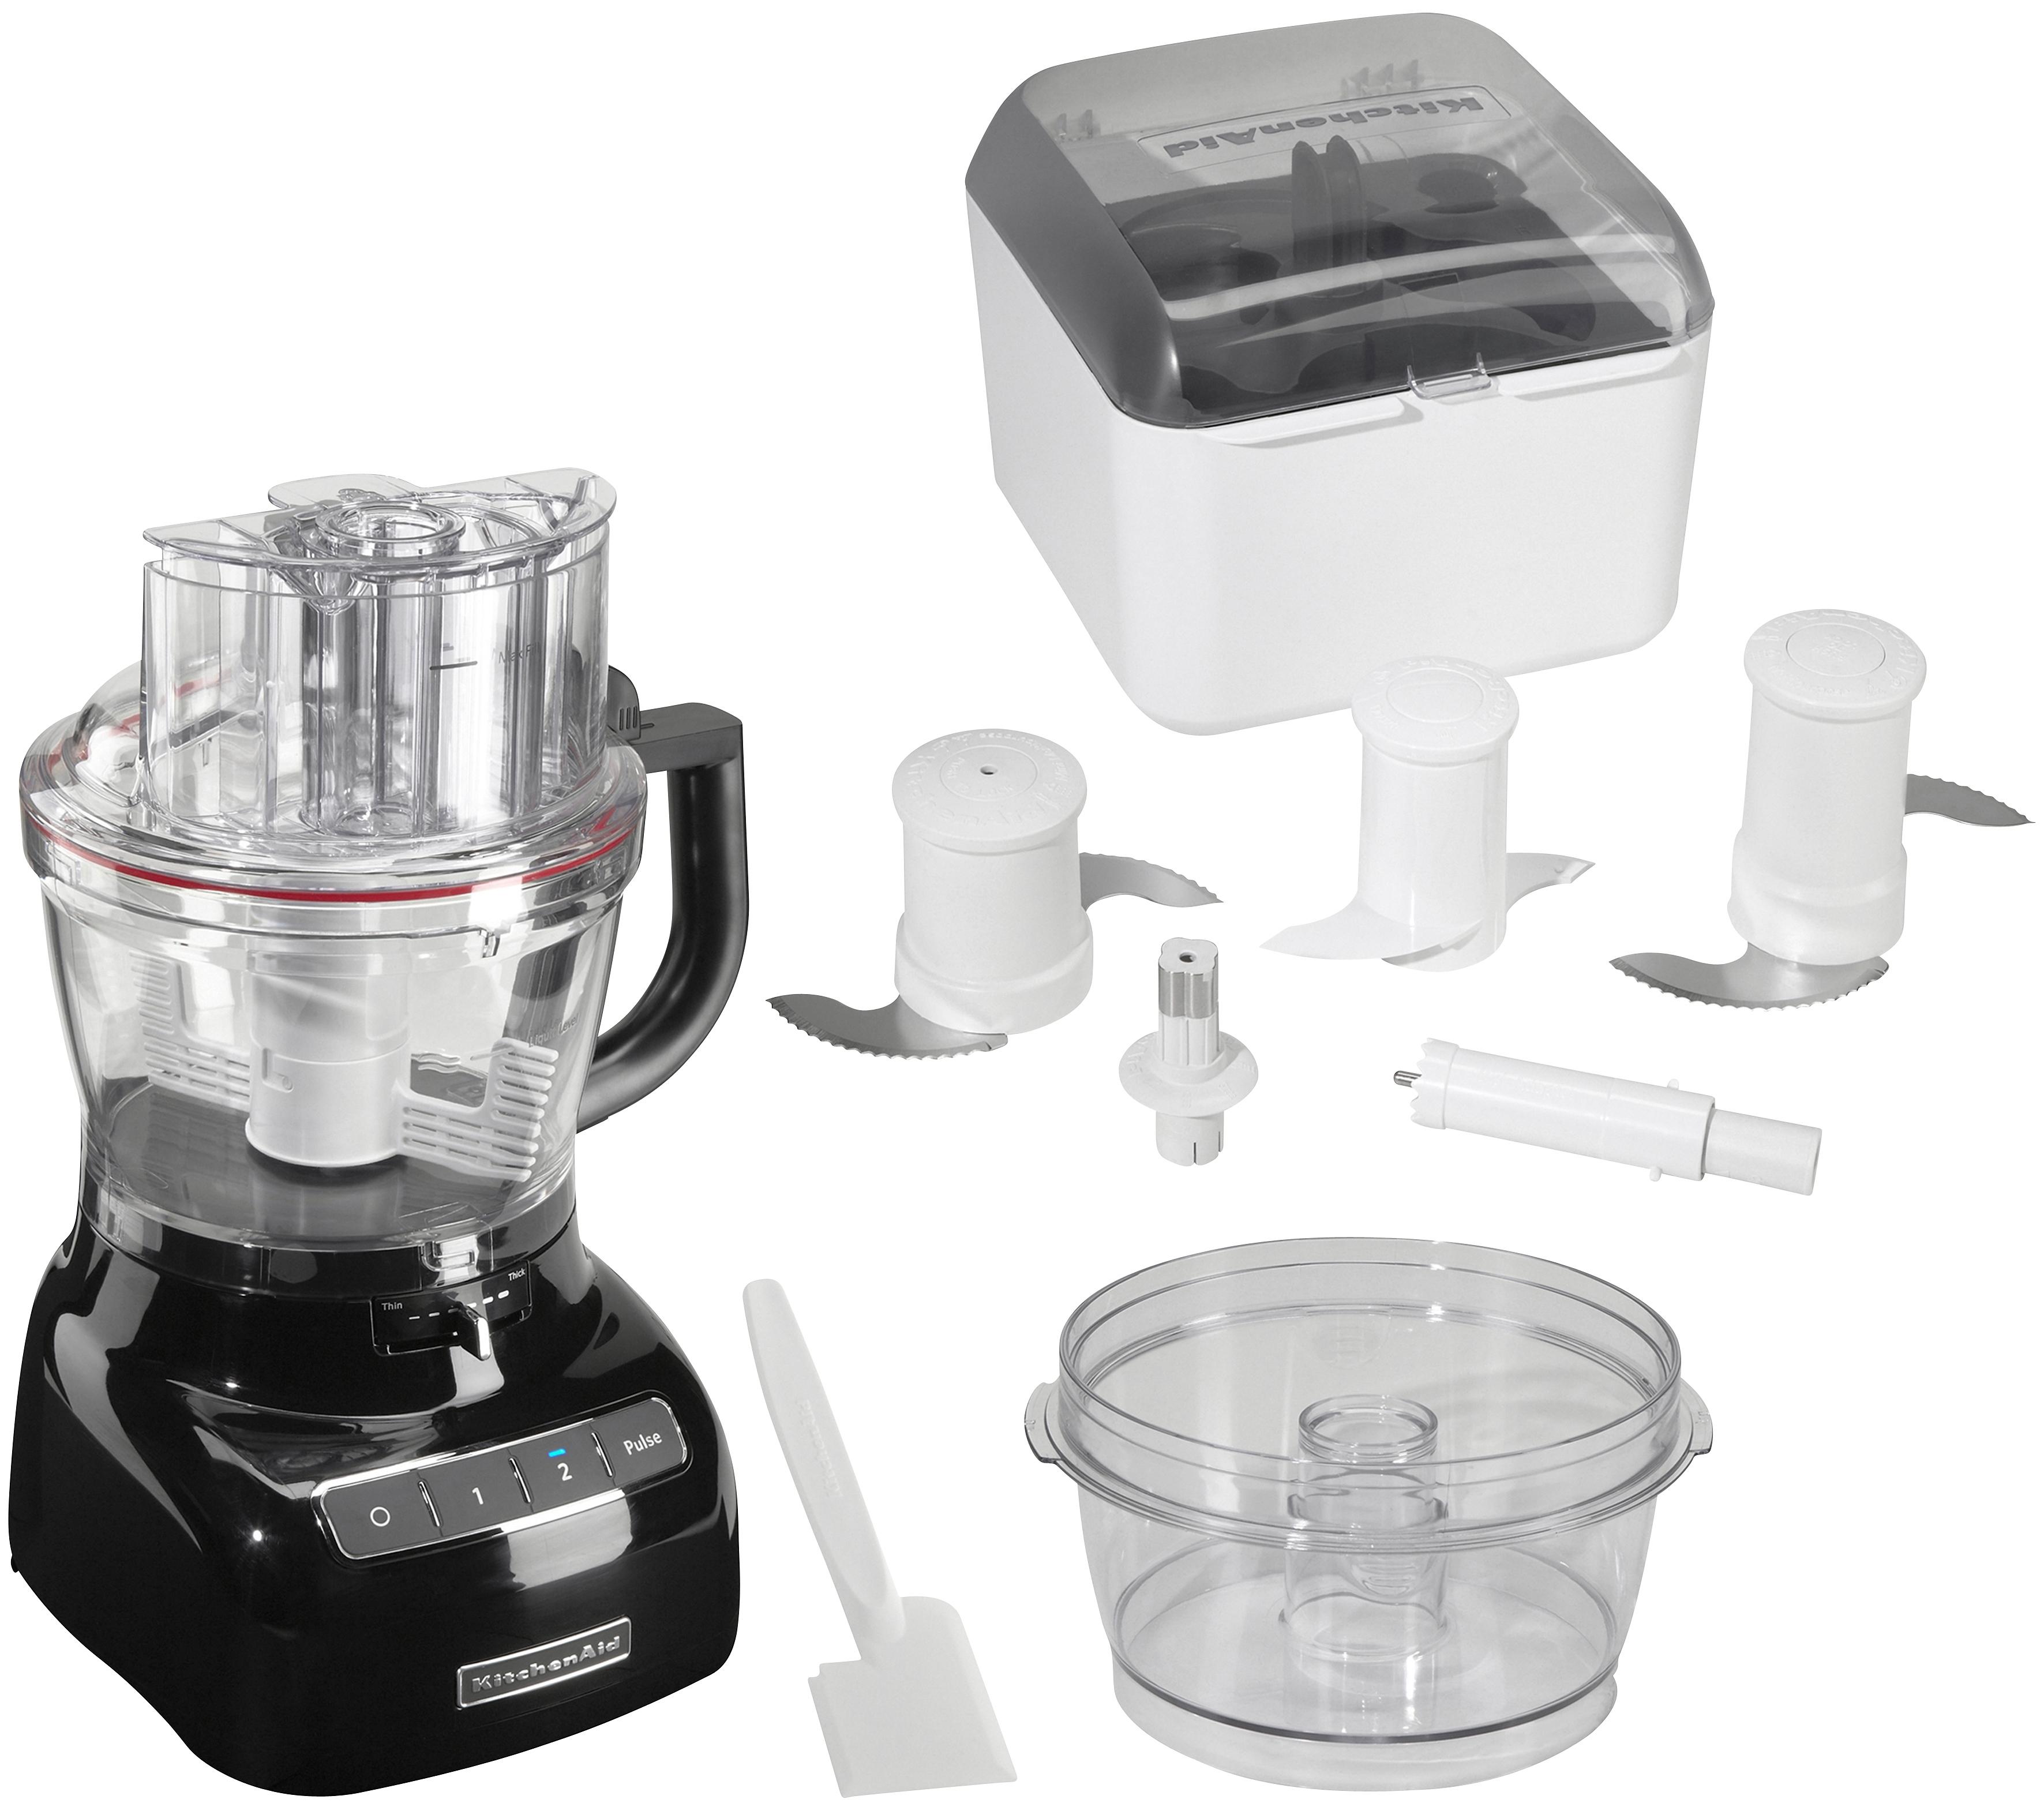 KitchenAid Keukenmachine 5KFP1335E 300 W bij OTTO online kopen